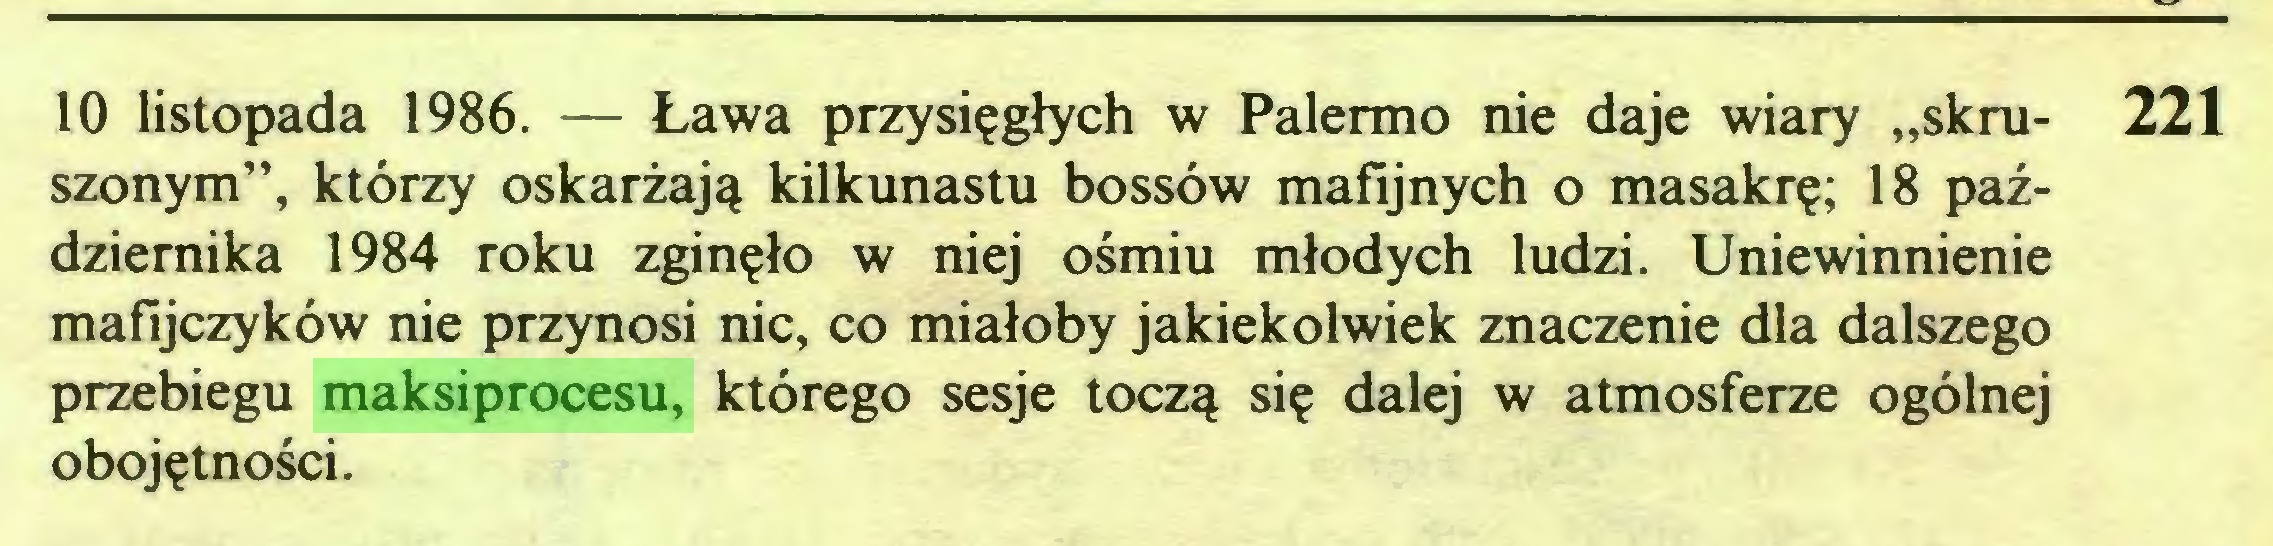 """(...) 10 listopada 1986. — Ława przysięgłych w Palermo nie daje wiary """"skru- 221 szonym"""", którzy oskarżają kilkunastu bossów mafijnych o masakrę; 18 października 1984 roku zginęło w niej ośmiu młodych ludzi. Uniewinnienie mafijczyków nie przynosi nic, co miałoby jakiekolwiek znaczenie dla dalszego przebiegu maksiprocesu, którego sesje toczą się dalej w atmosferze ogólnej obojętności. Źródła..."""